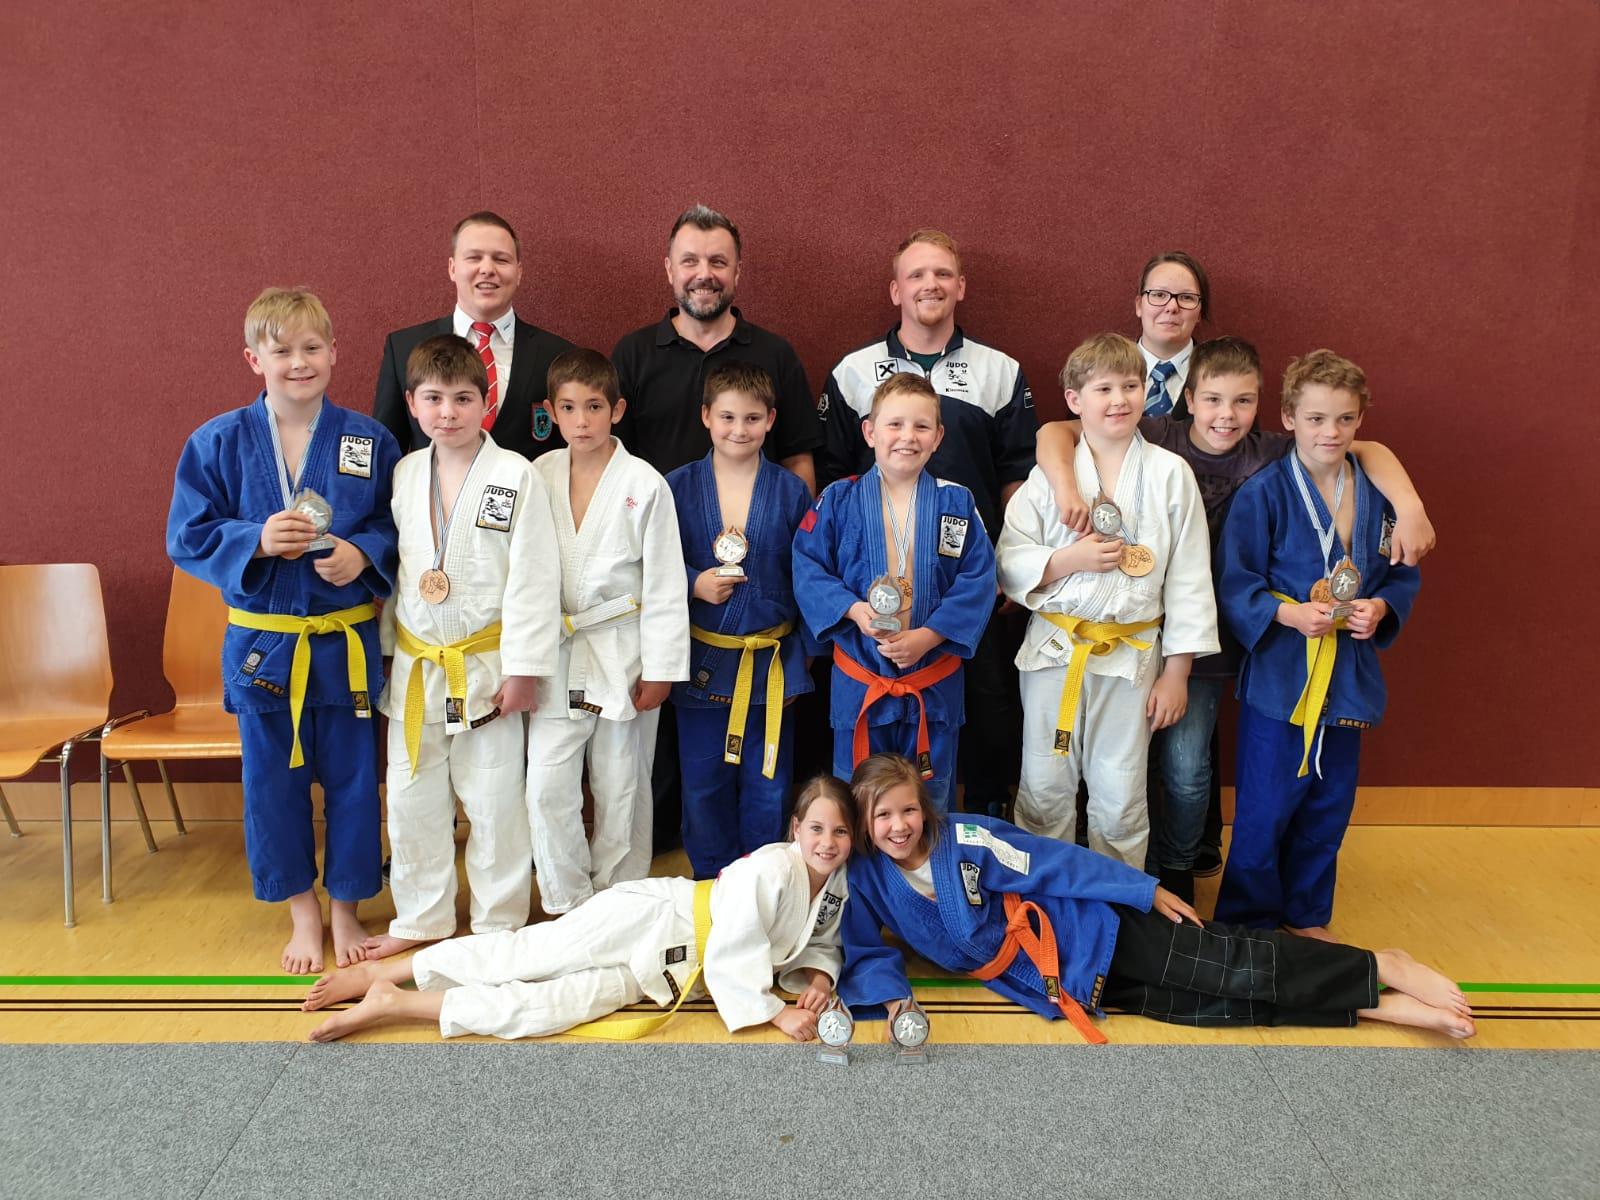 Gutes Ergebnis unserer jungen U12 Judokas beim Rapso Cup in Alkoven